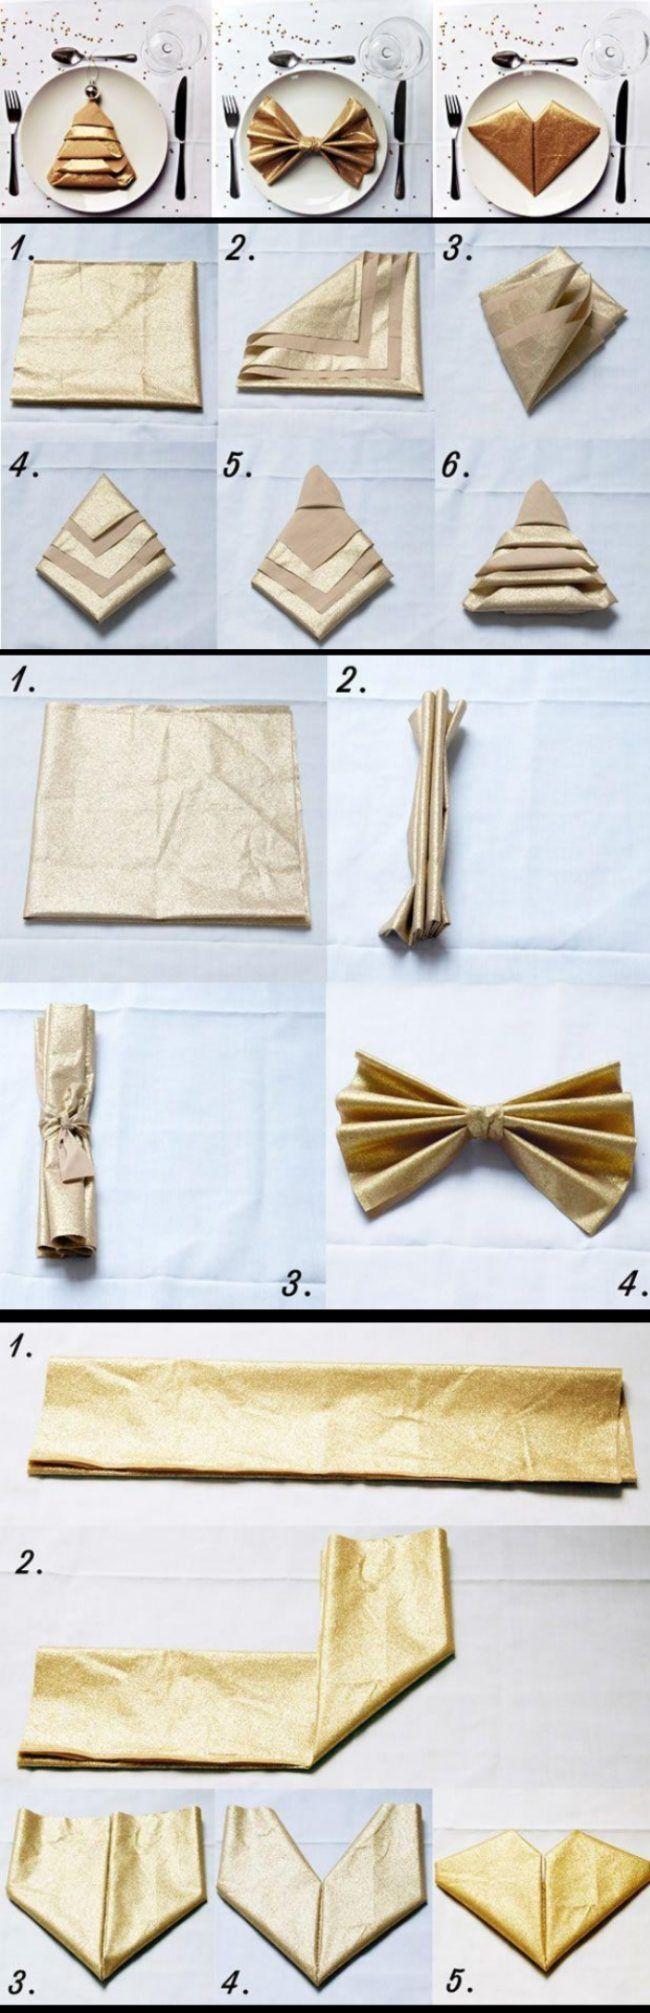 die besten 25 servietten falten anleitung ideen auf pinterest hochzeit servietten falten. Black Bedroom Furniture Sets. Home Design Ideas